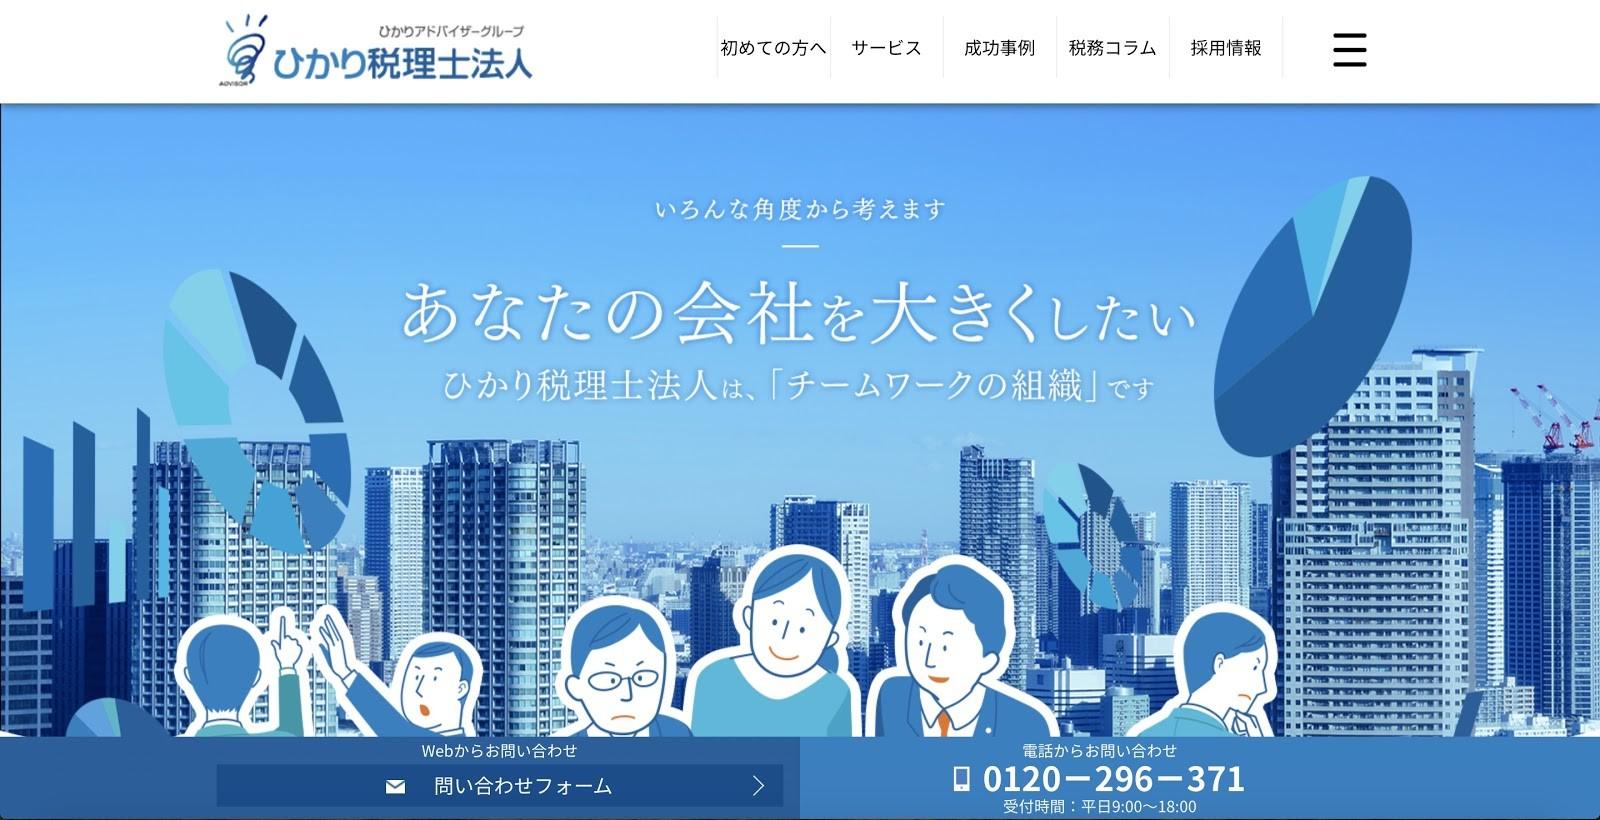 信頼感を高める「成功事例」 ひかり税理士法人【税理士】